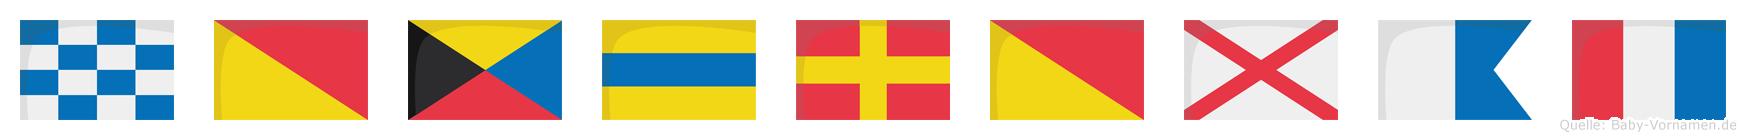 Nozdrovat im Flaggenalphabet